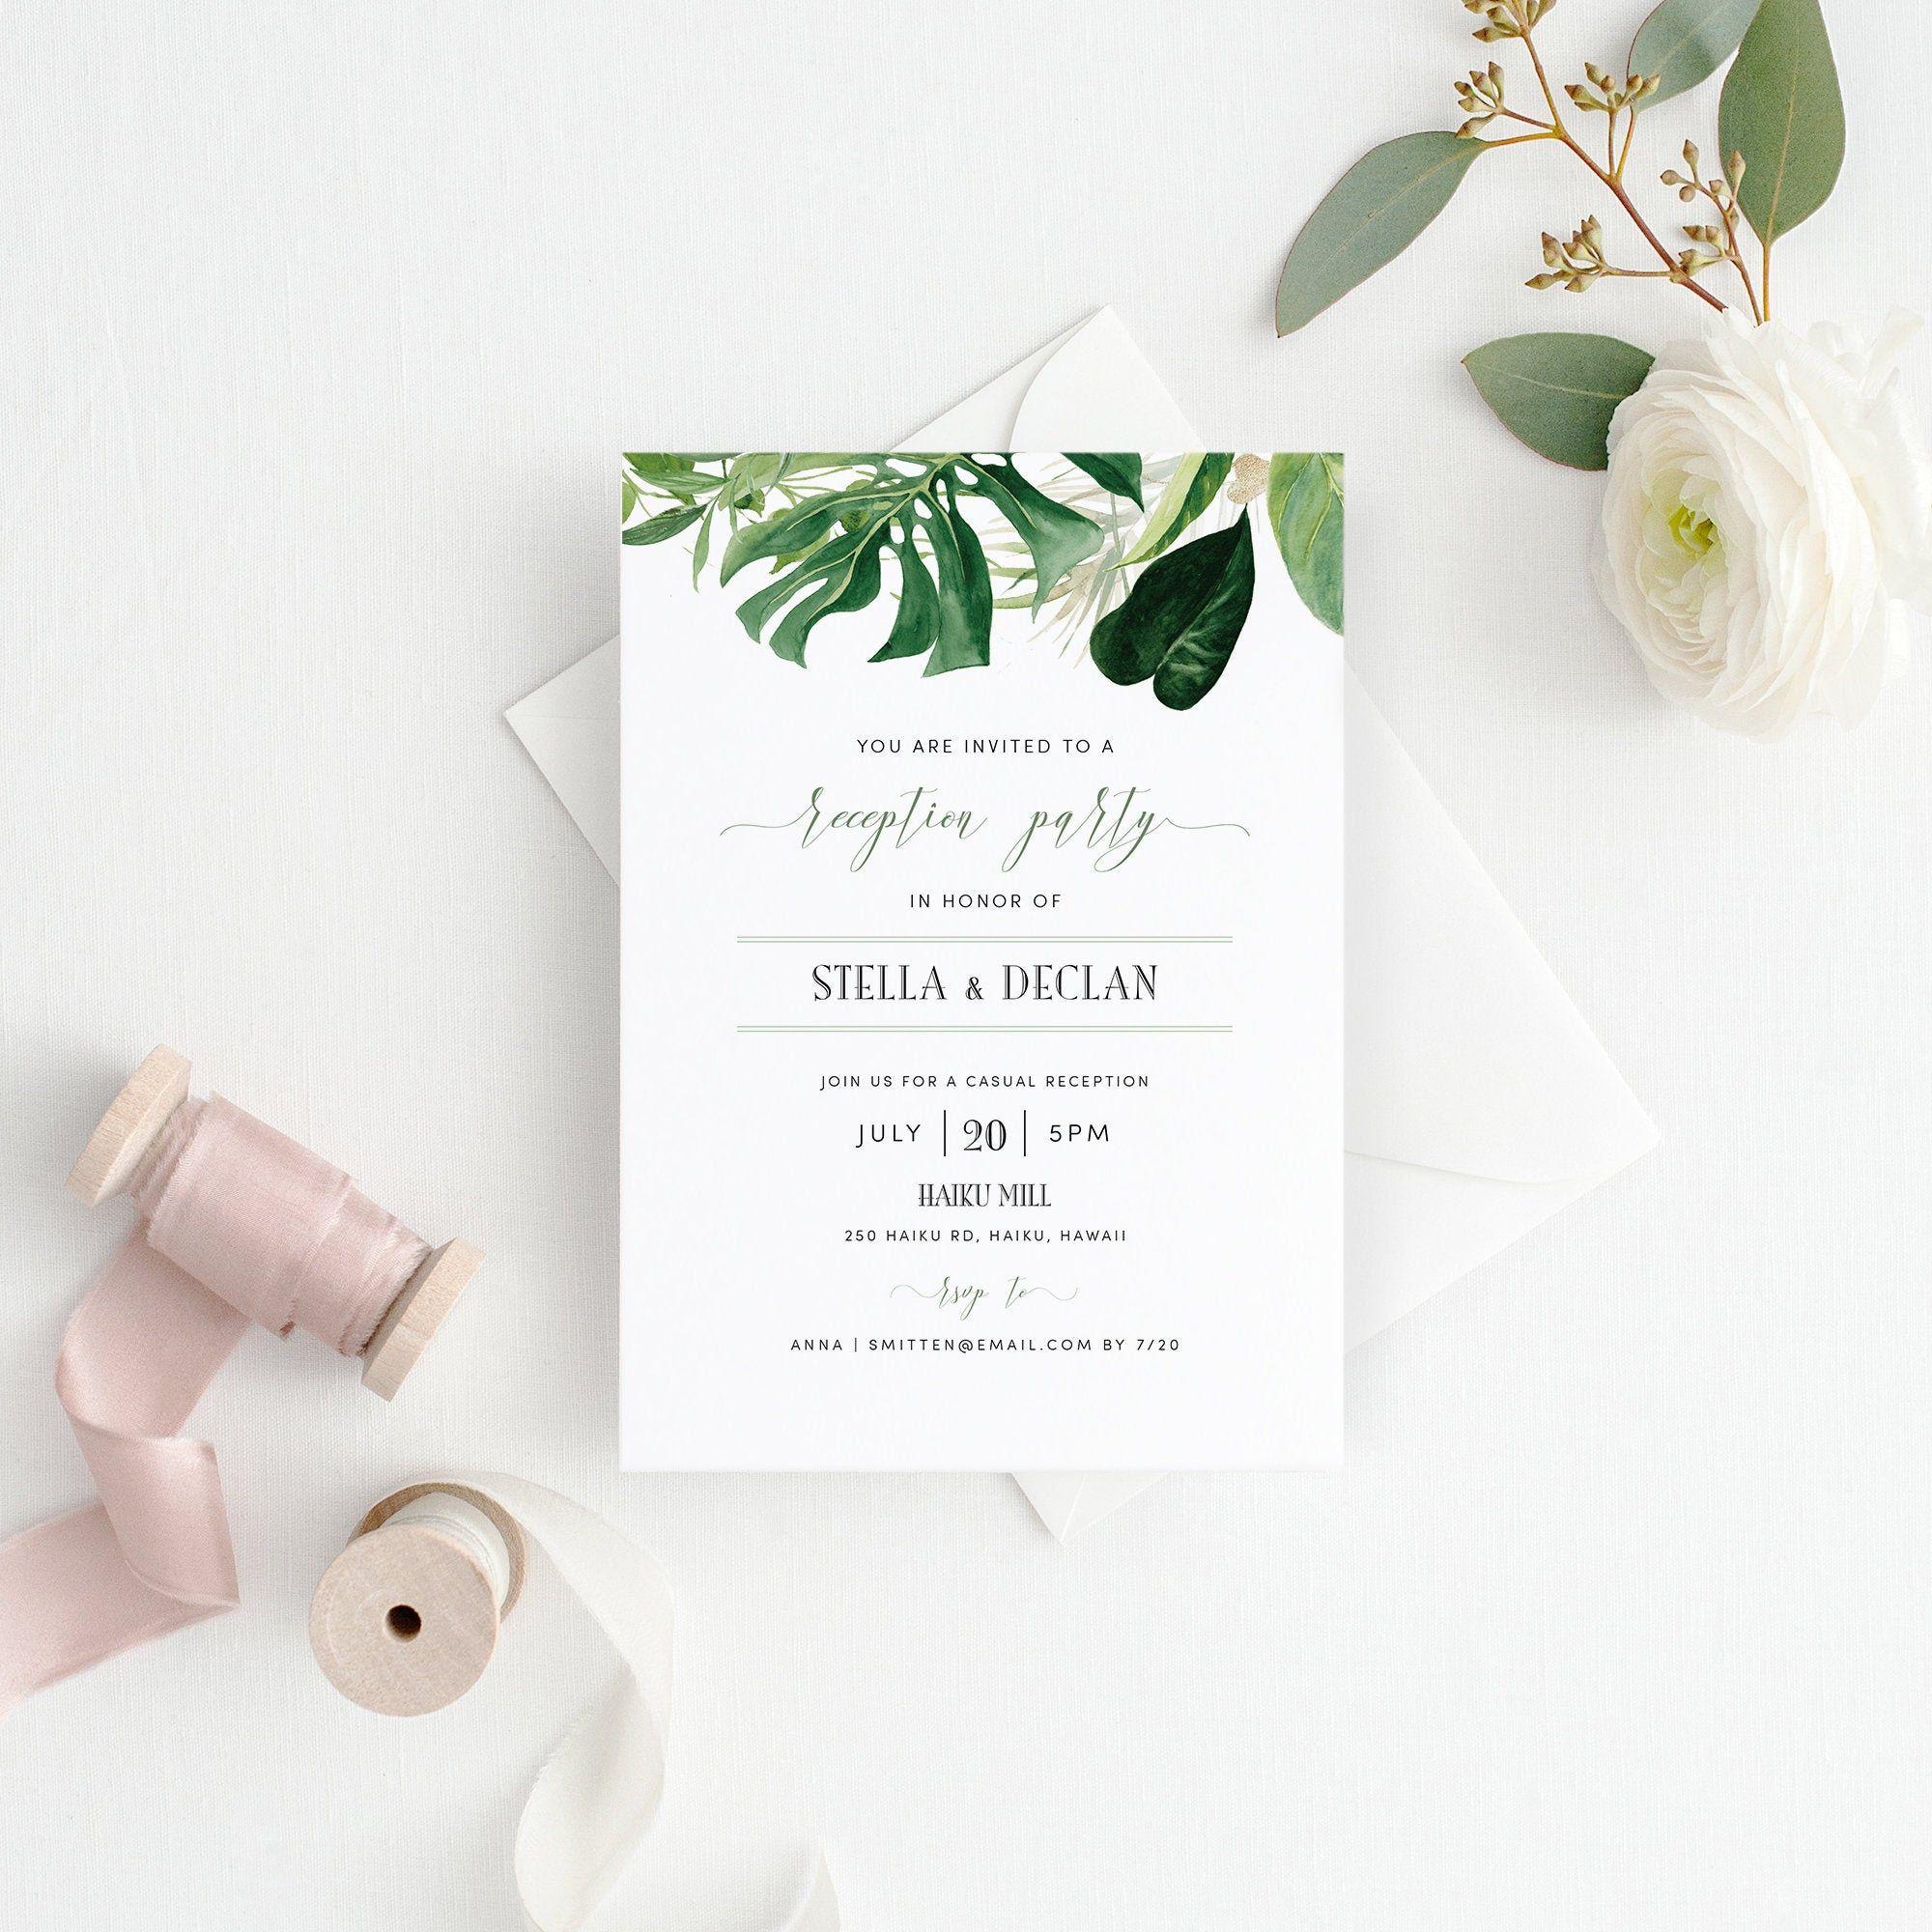 Hawaiian Greenery Wedding Reception Invitation Template Etsy Wedding Reception Invitations Reception Invitations Reception Card